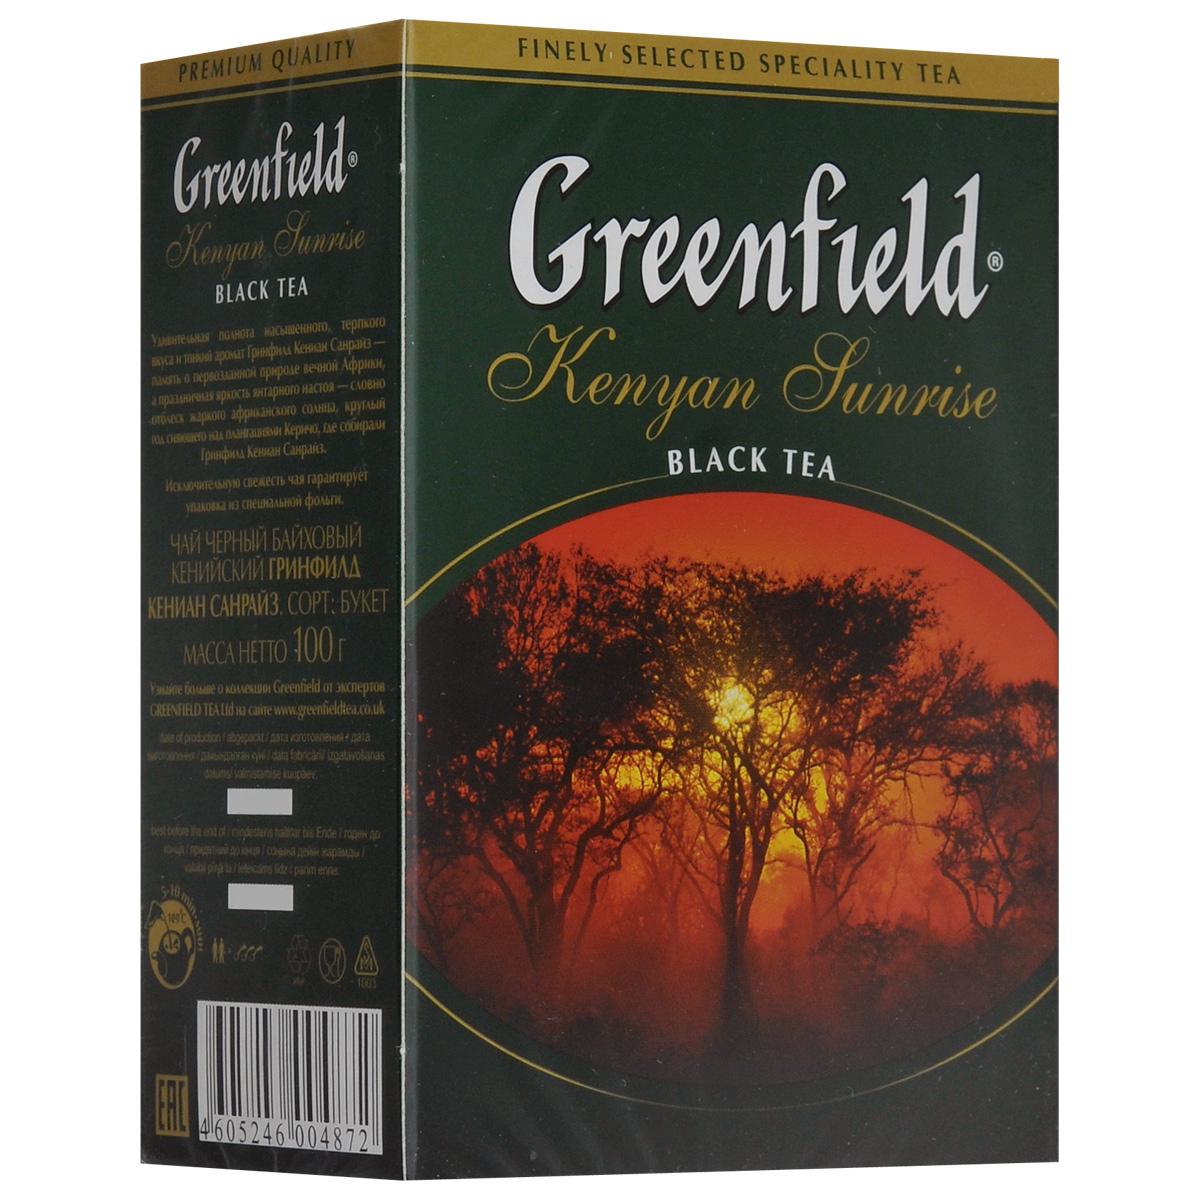 Greenfield Kenyan Sunrise черный листовой чай, 100 г greenfield jasmine dream зеленый ароматизированный листовой чай 100 г